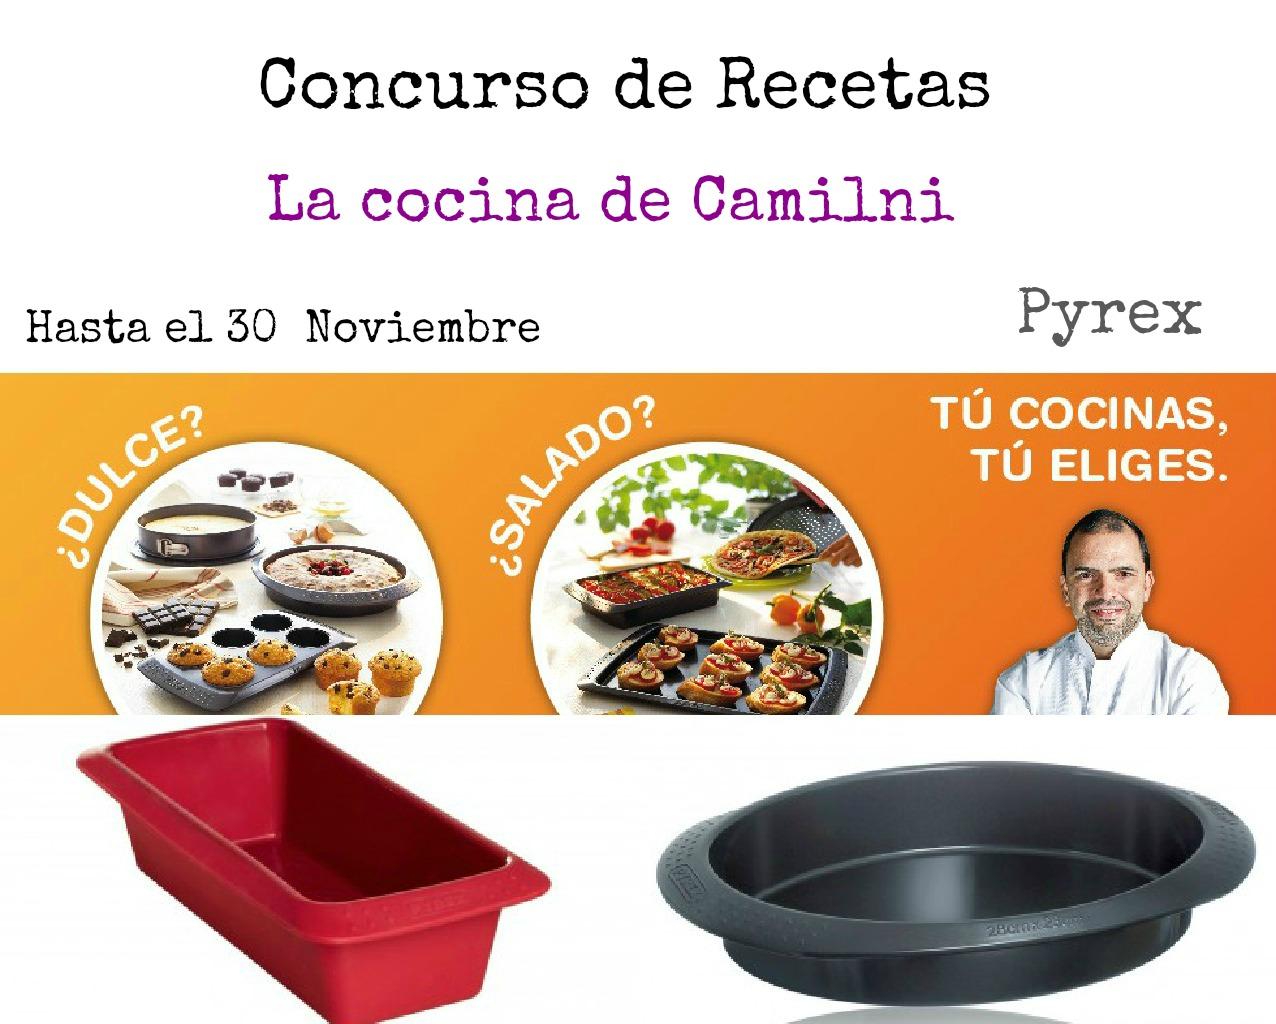 La cocina de camilni concurso de recetas dulces y saladas - Concurso de cocina ...